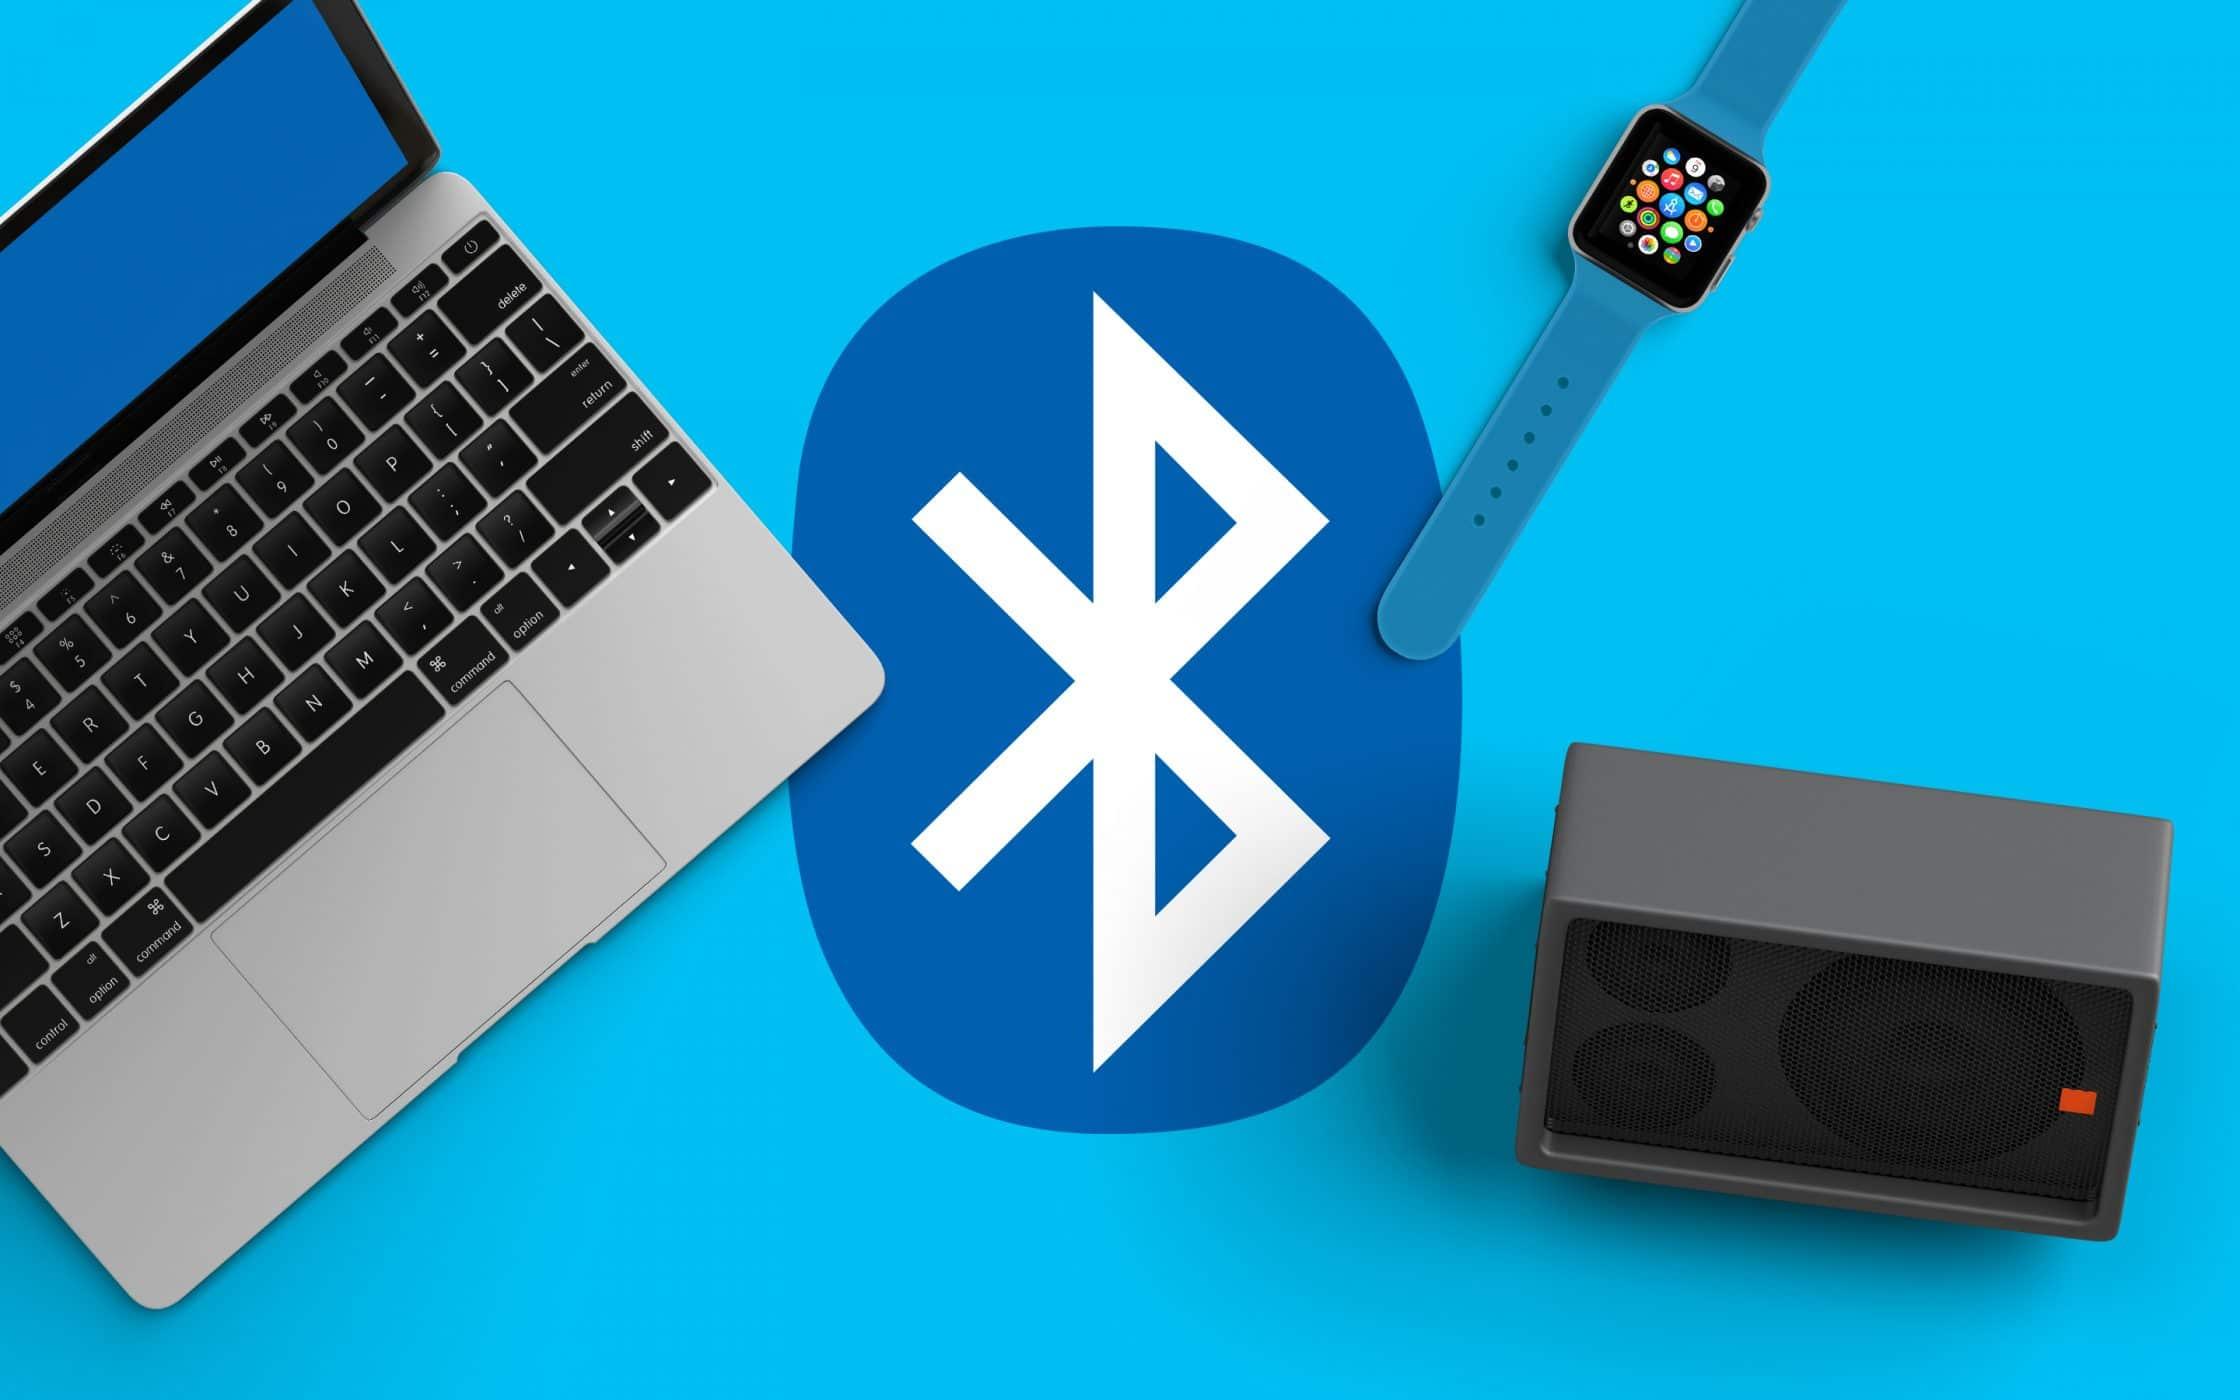 Мобильные приложения для управления Bluetooth-устройствами содержат встроенную уязвимость